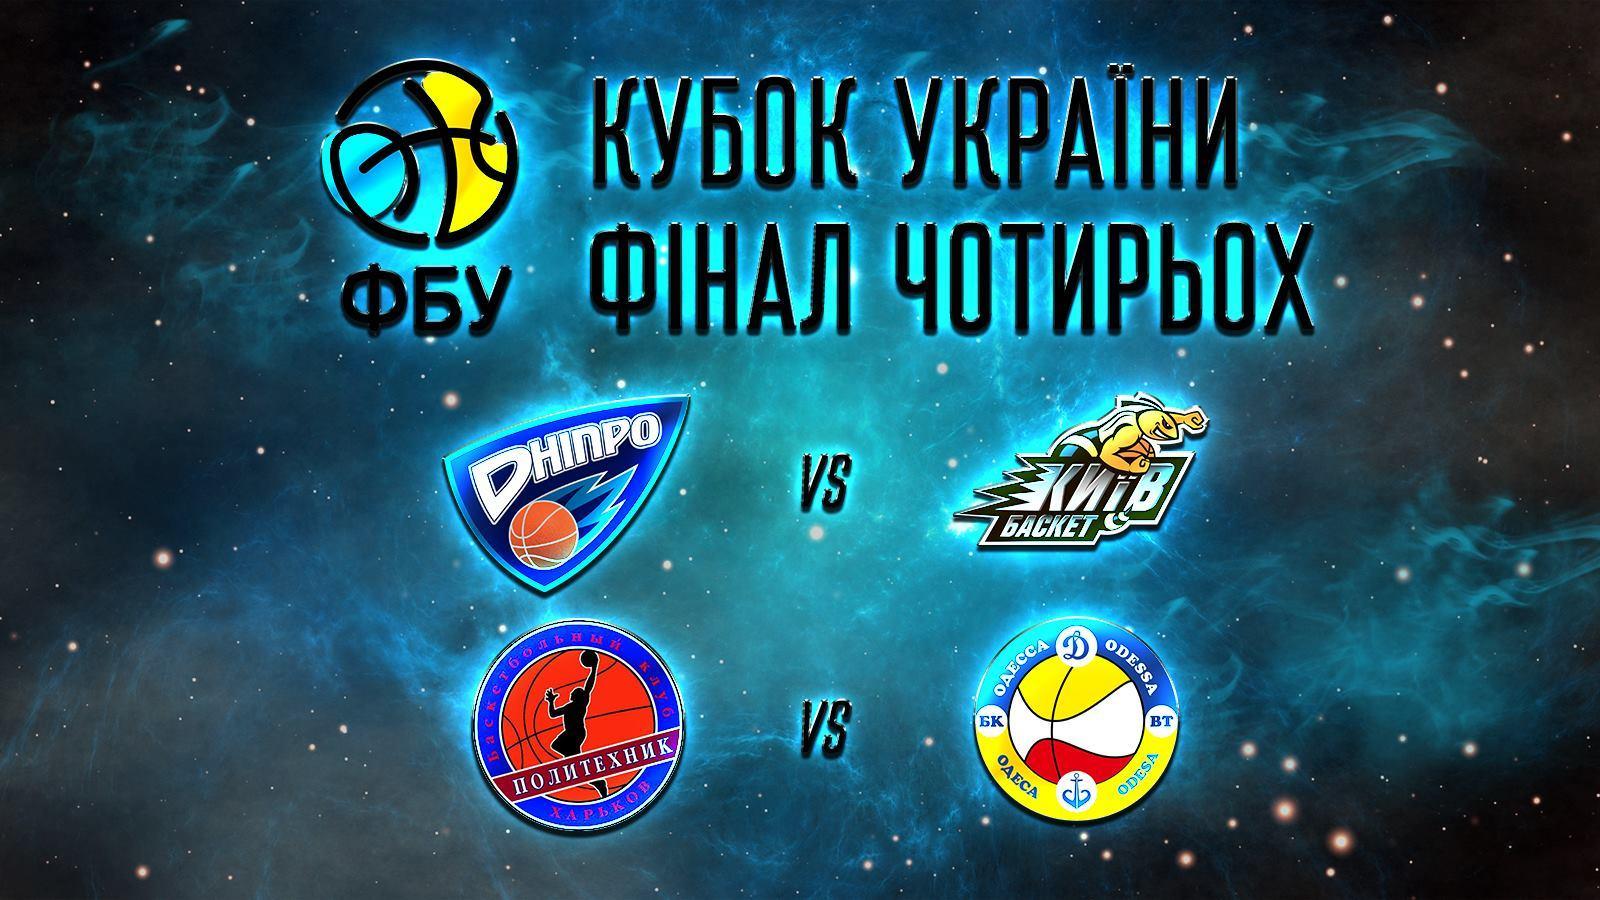 http://i.fbu.kiev.ua/1/28457/50990871-306068206923075-1278520332755402752-n.jpg